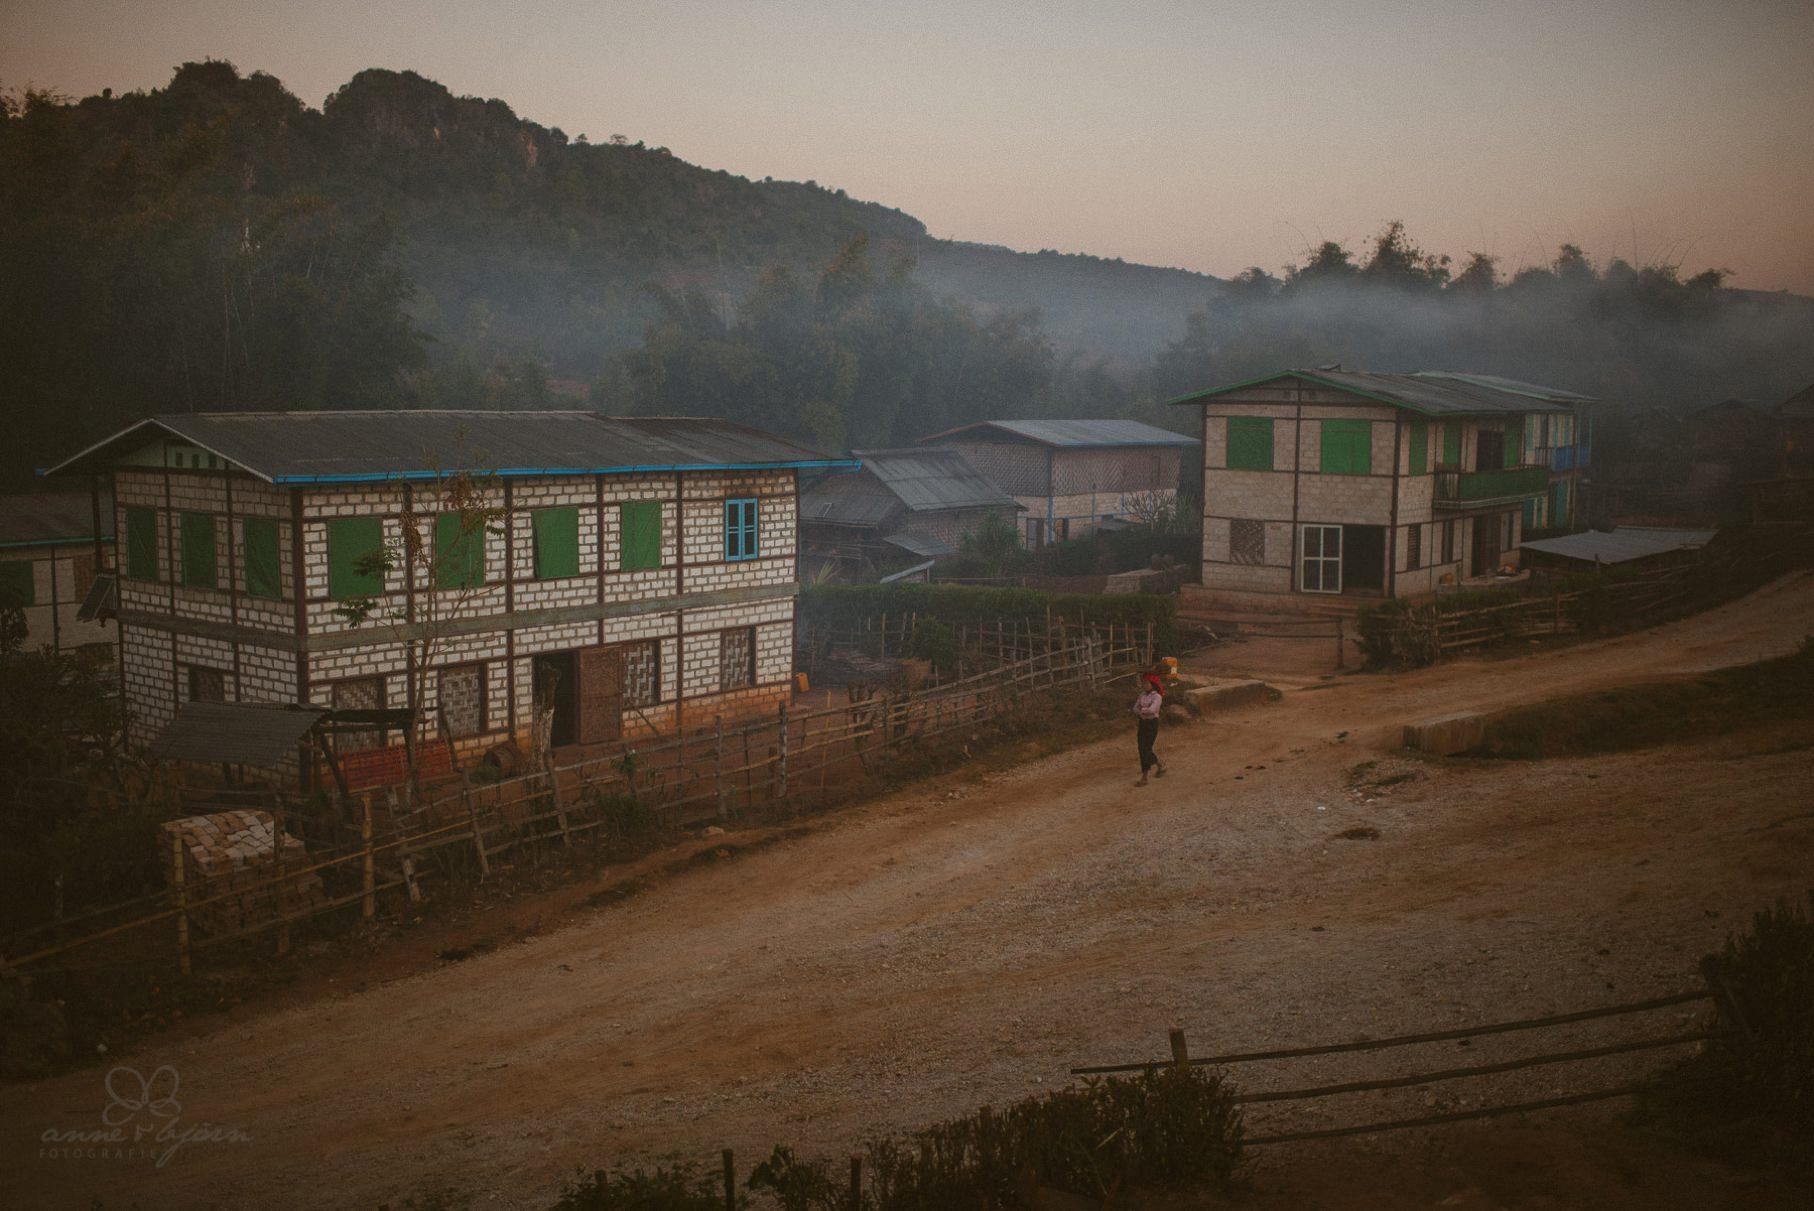 0051 inle lake trekking d76 6049 - Trekking von Kalaw zum Inle-See - Myanmar / Burma